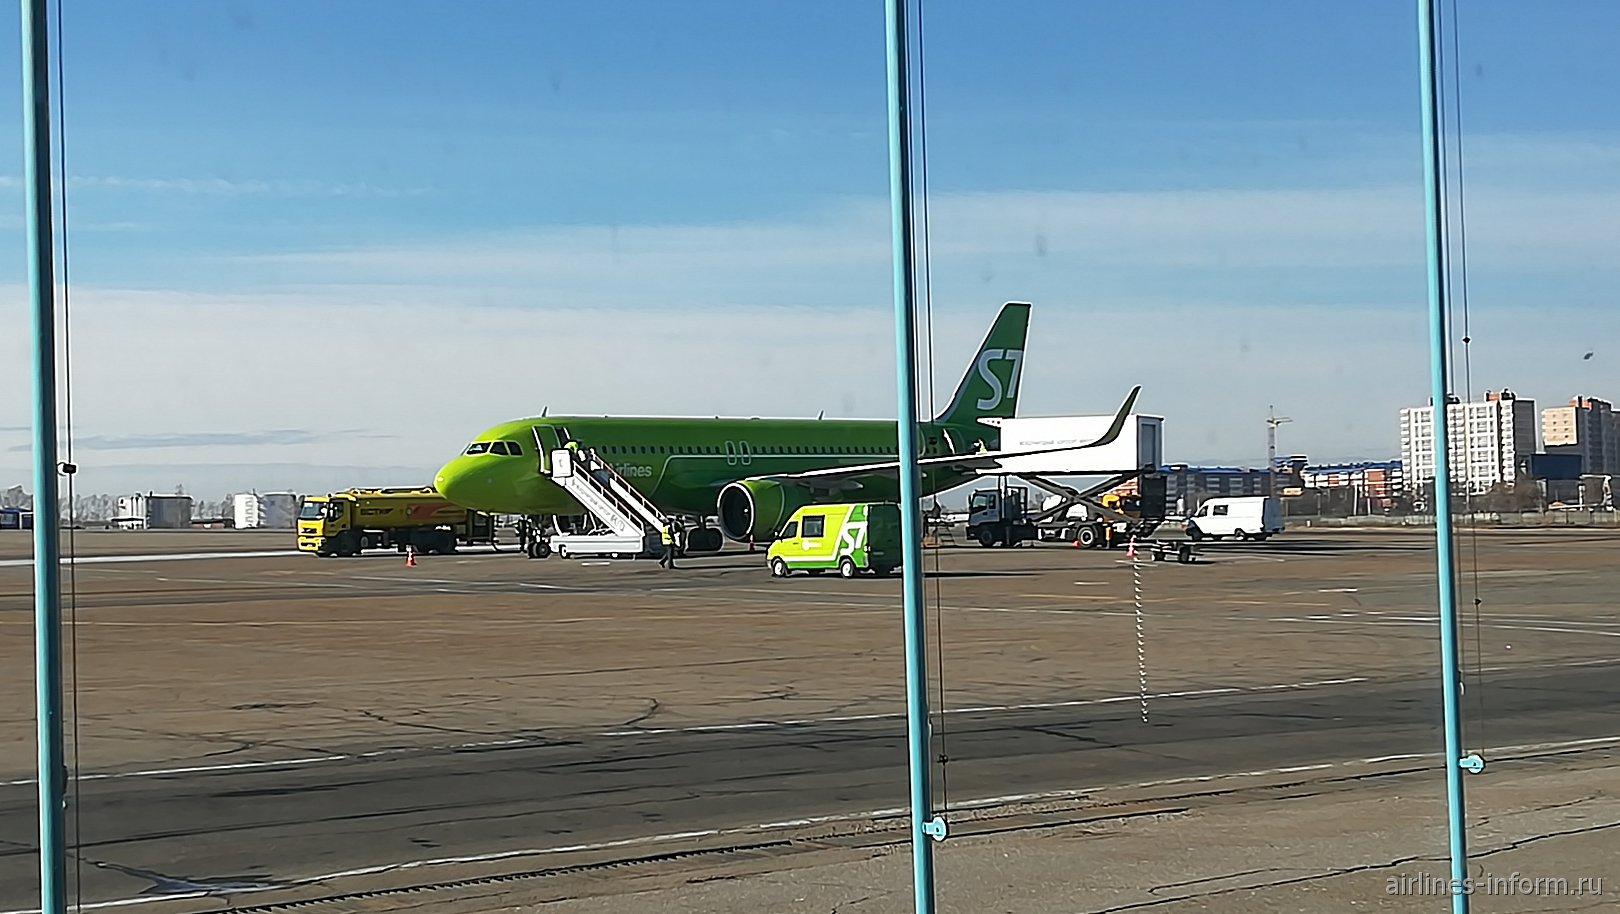 Весенние каникулы. Часть 1. Иркутск (IKT) - Бангкок (Suvarnabhumi, BKK) с S7 Airlines на А-320neo